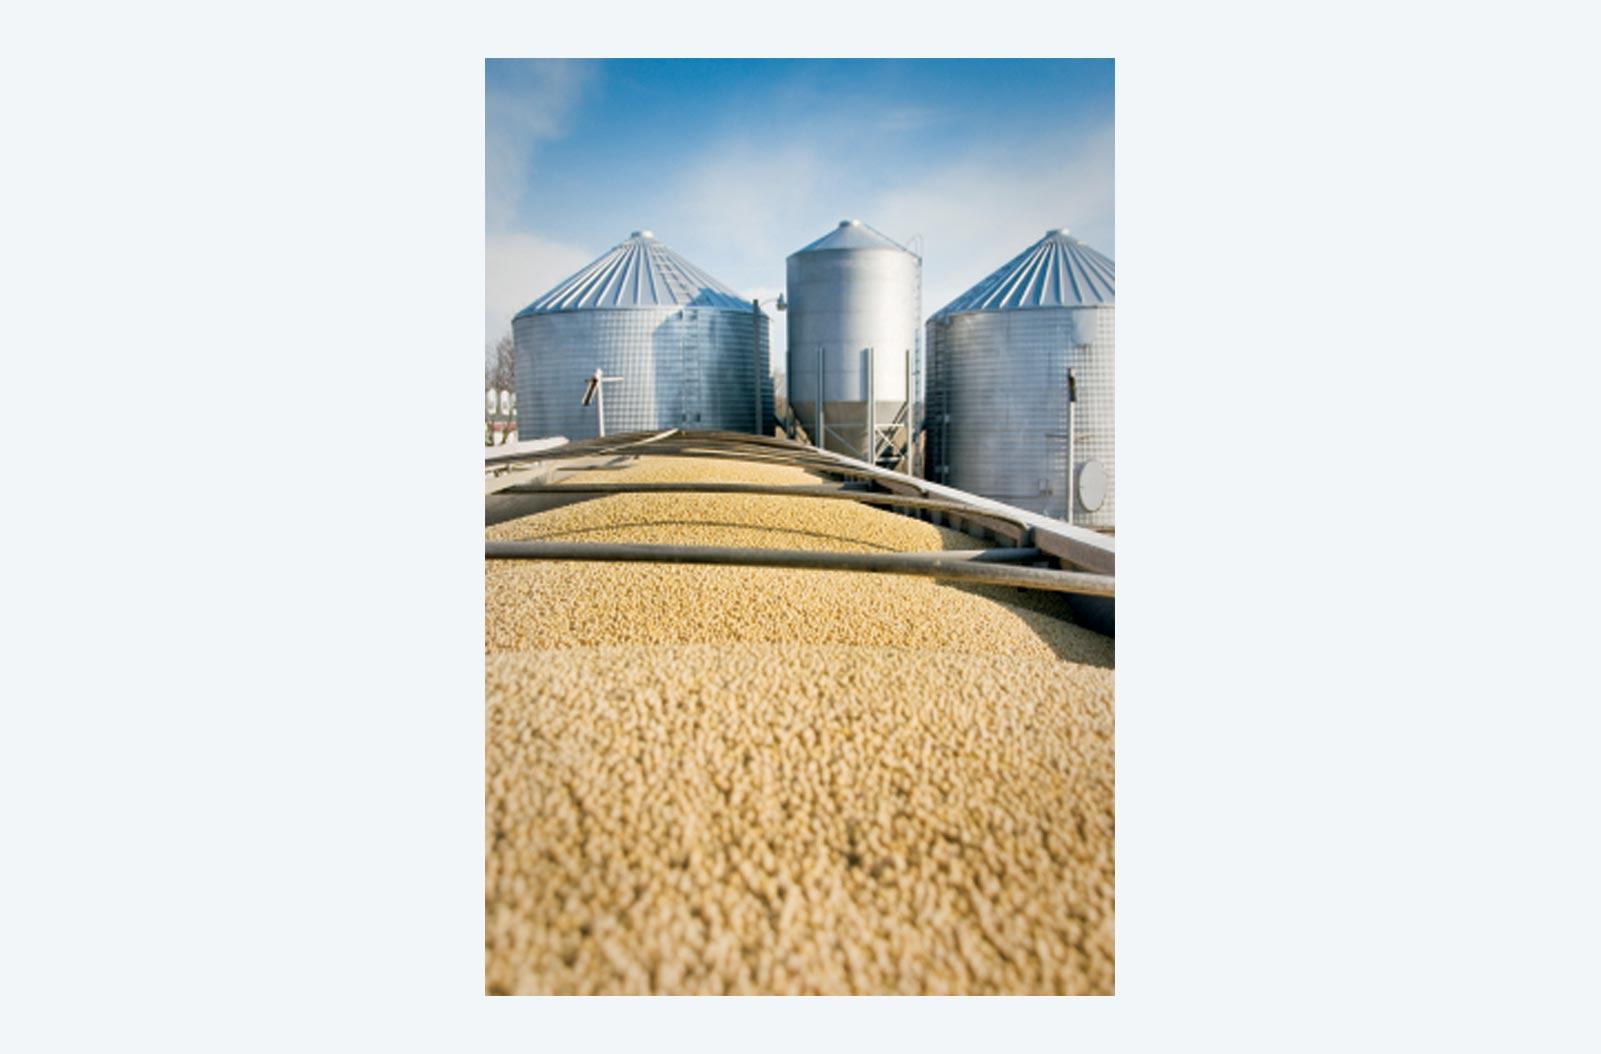 Non-GMO Grain Silos